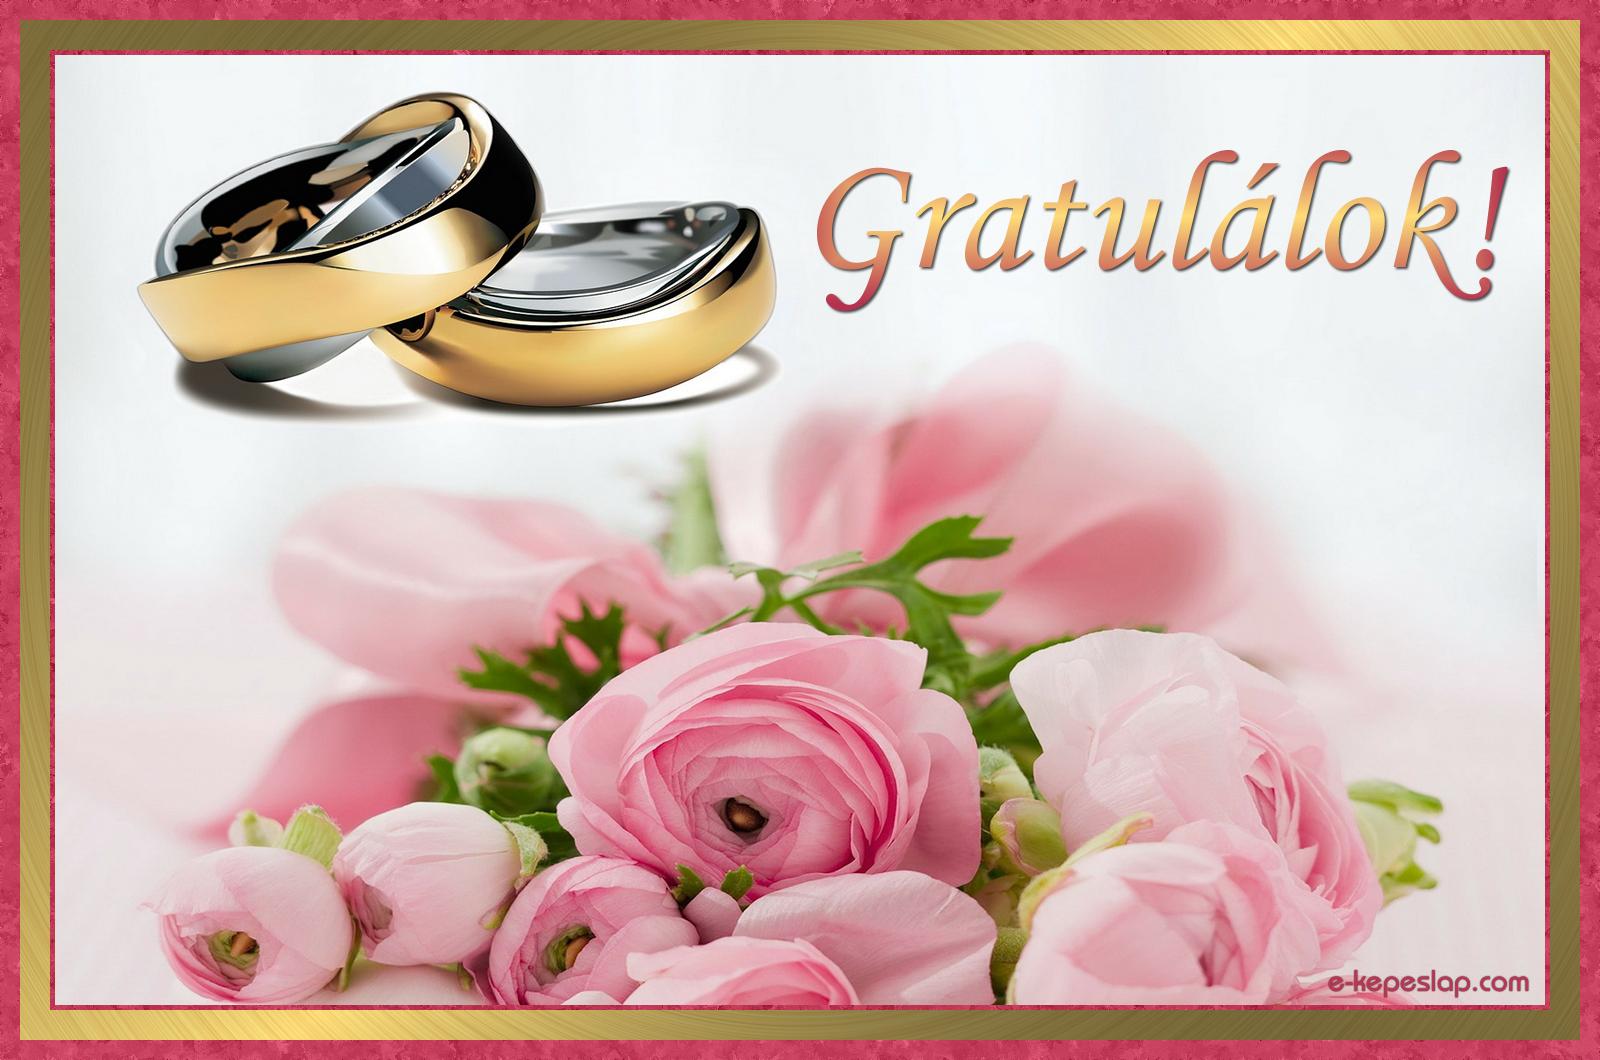 esküvői köszöntő képeslapok Esküvői gratuláció kép   Képeslapküldés   e kepeslap.com esküvői köszöntő képeslapok